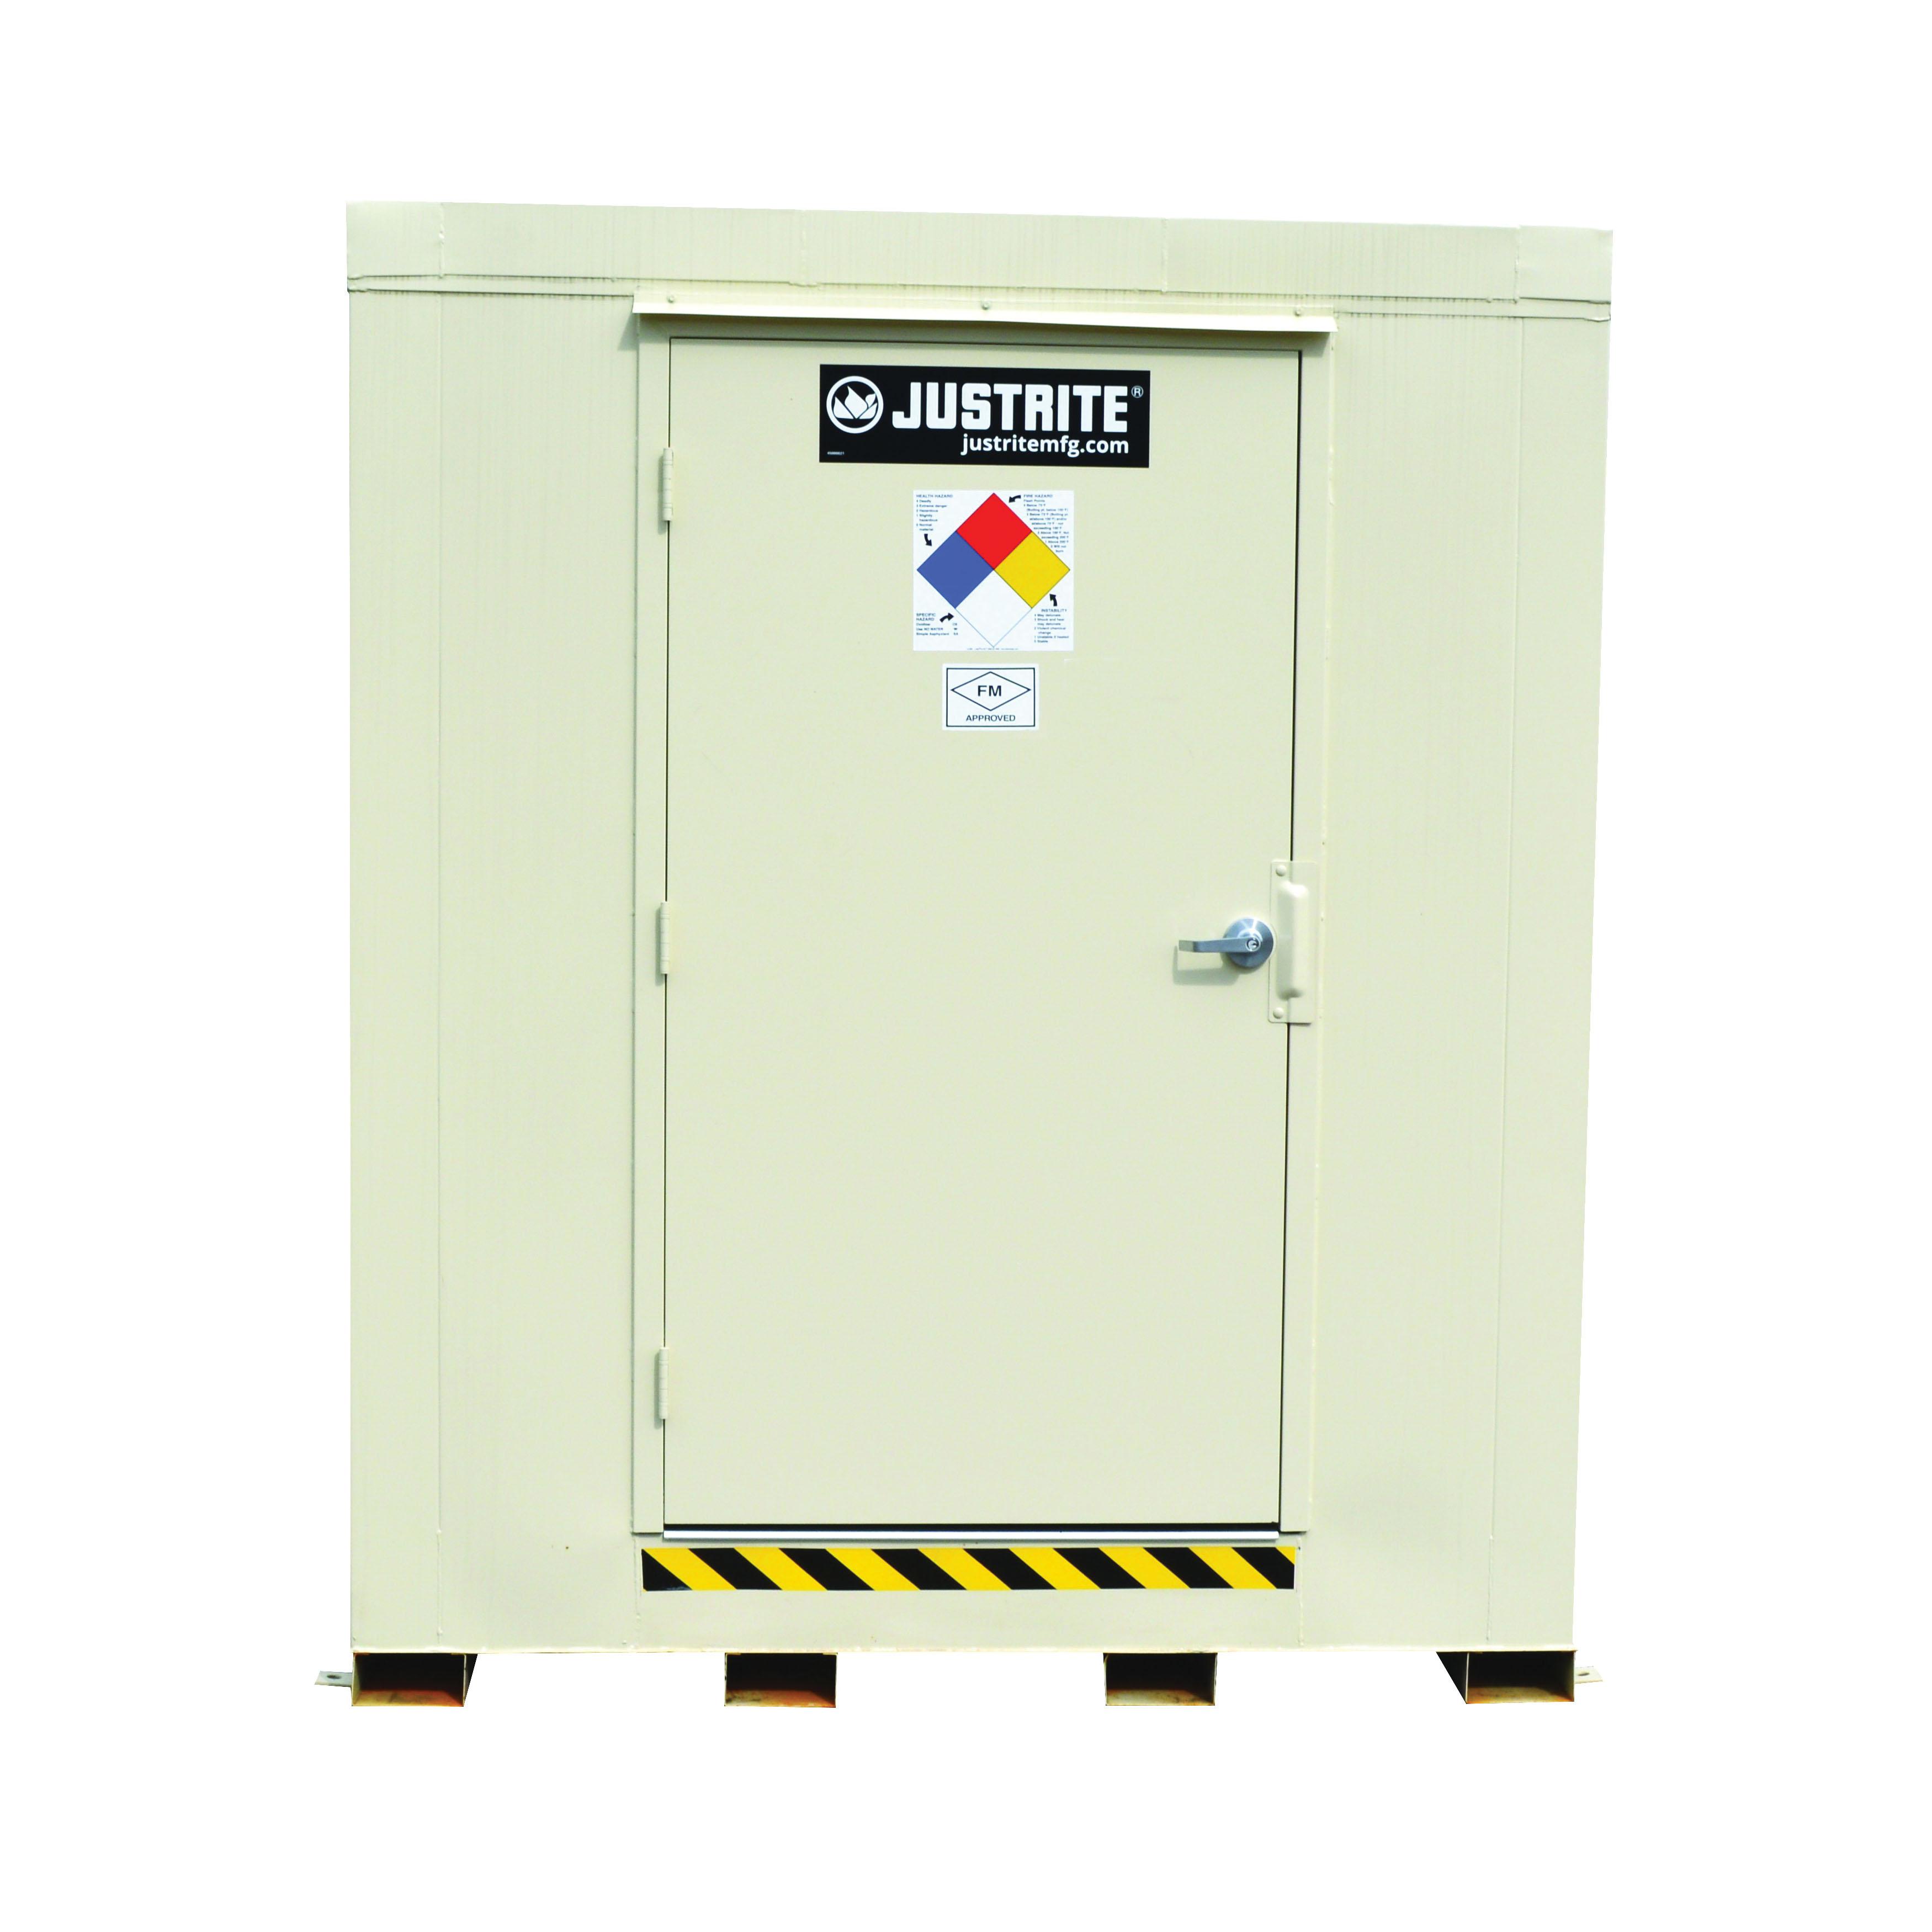 Justrite® 912091 Outdoor Safety Locker, 2 hr Fire Rating, 97 in H x 88 in W x 88 in D, Fire-Rated Door, 1 Doors, Heavy Gauge Steel, Bone